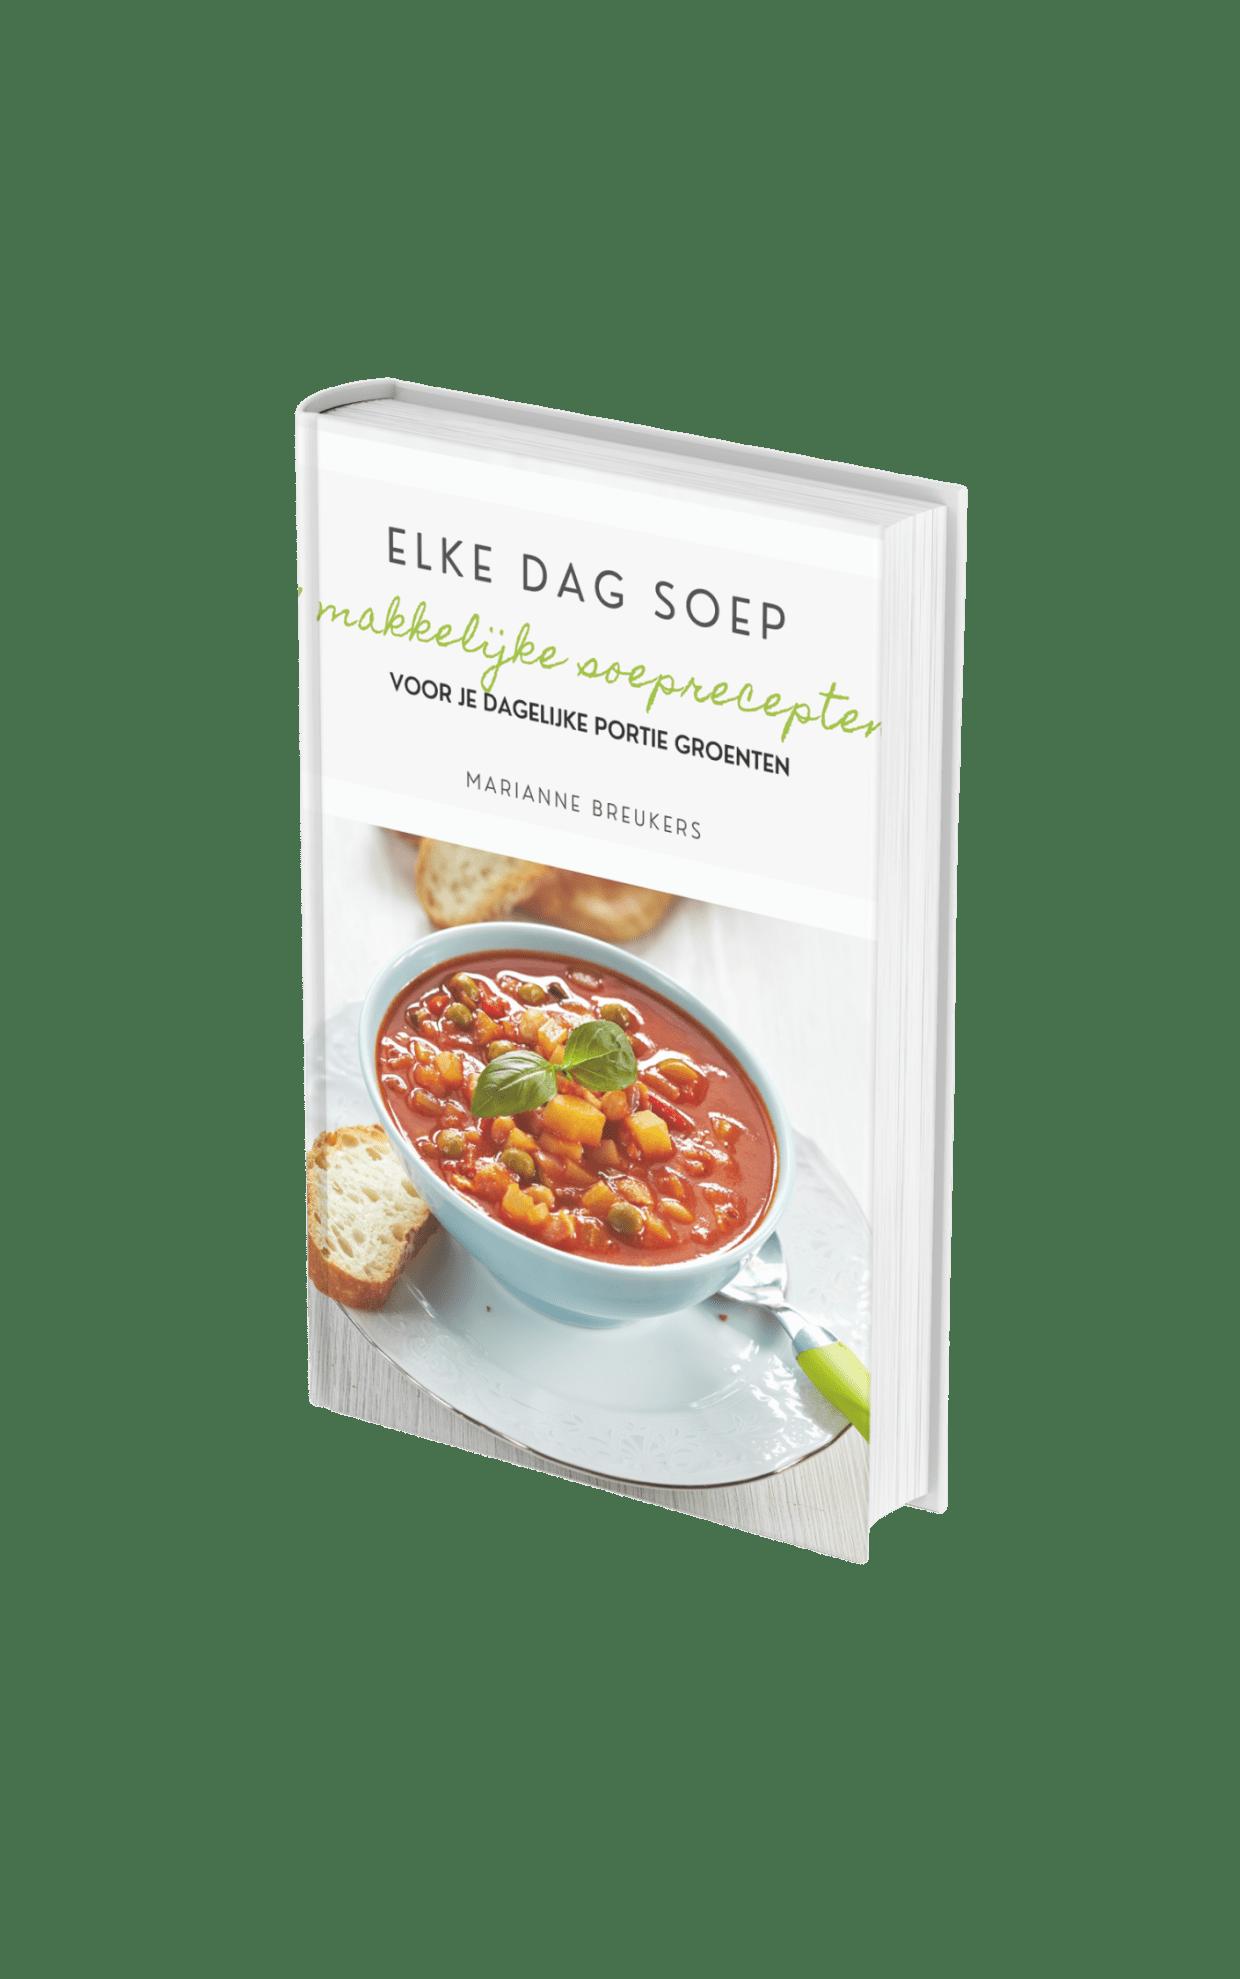 Cover e-book Elke dag soep orthomea